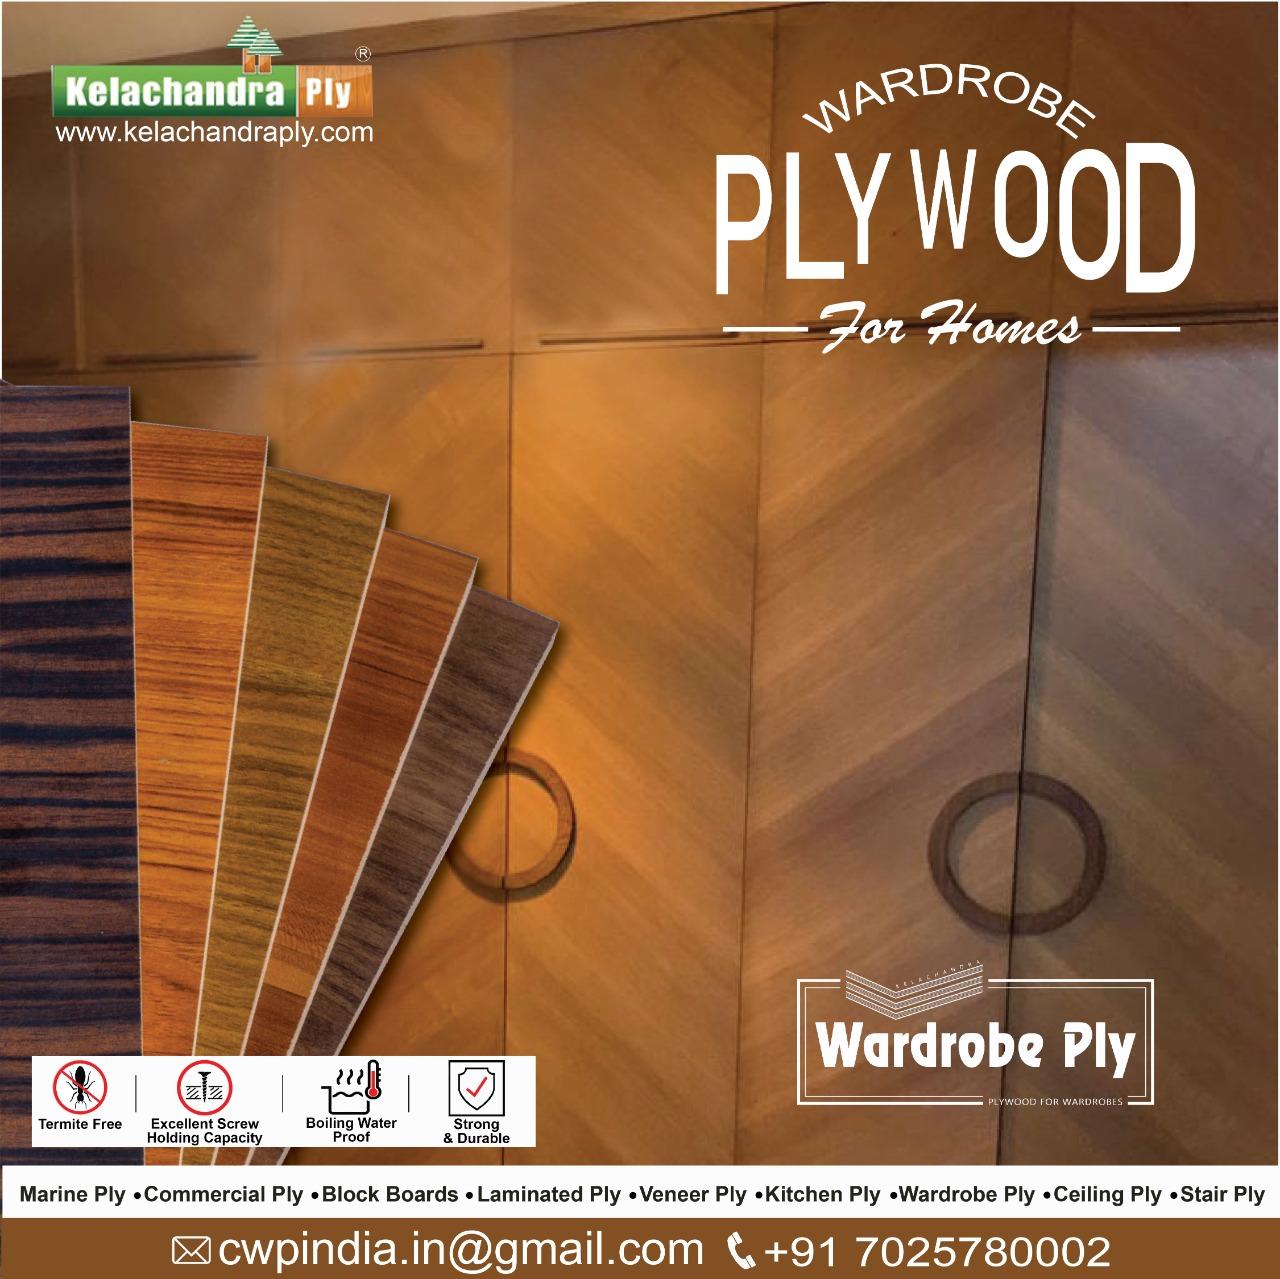 Wardrobe Ply